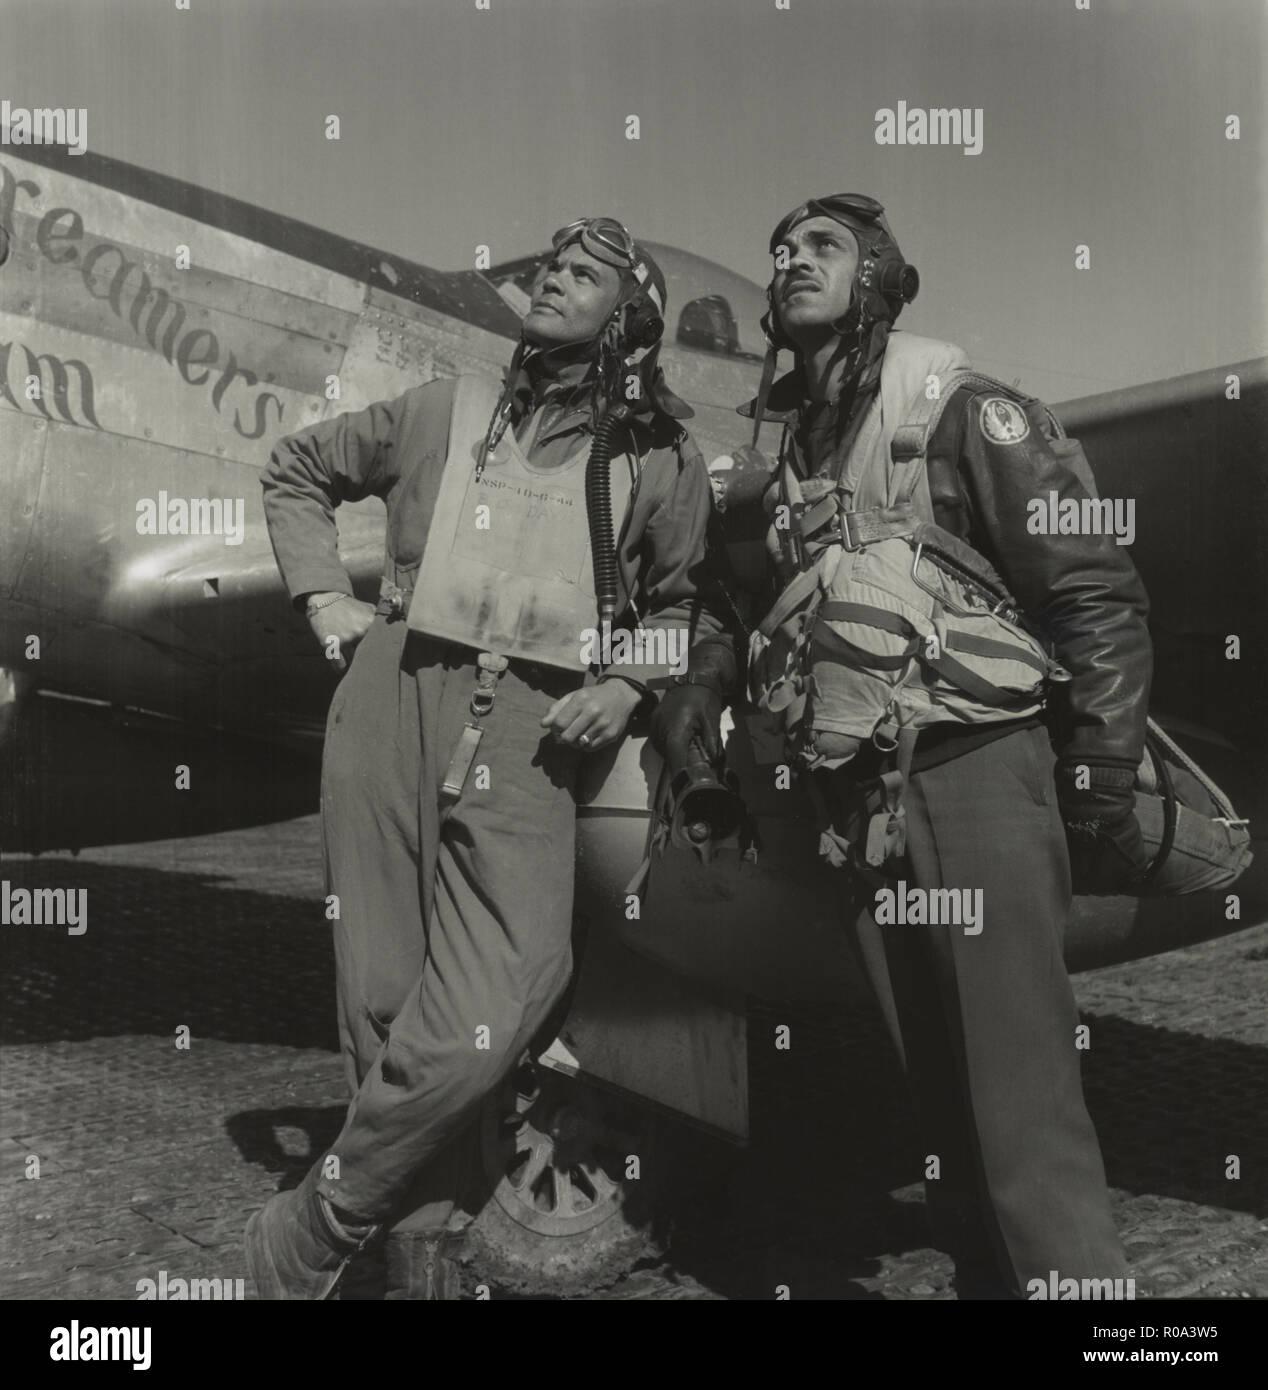 Le colonel Benjamin Tuskegee Airmen, O. Davis, commandant du 332e Groupe de chasse, la classe 42-C (à gauche), Edward C. Gleed, Lawrence, KS, classe 42-K, Groupe chargé des opérations (à droite), Portrait en pied, P-5/D'Avion en arrière-plan, Ramitelli, Italie, Toni Frissell, Mars 1945 Photo Stock